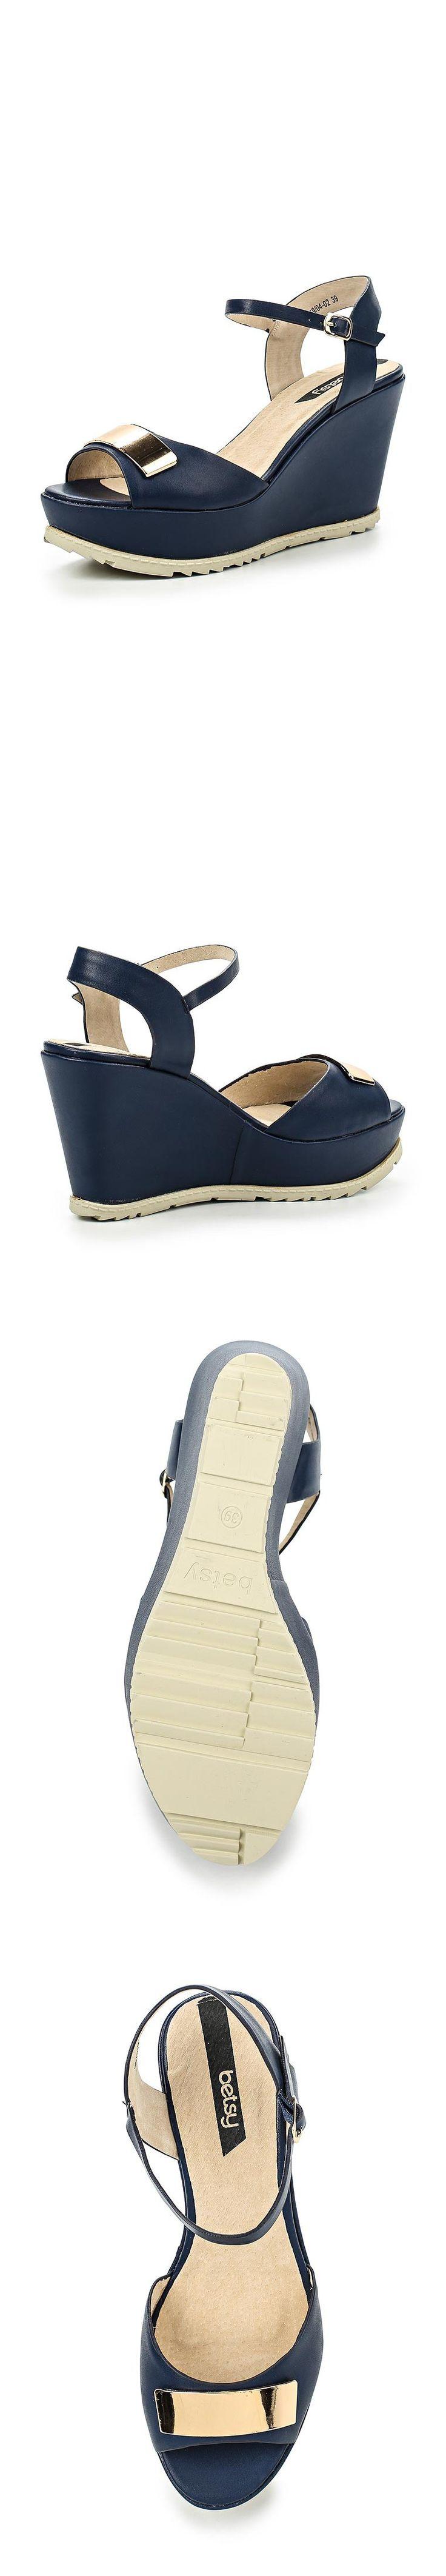 Женская обувь босоножки Betsy за 3140.00 руб.